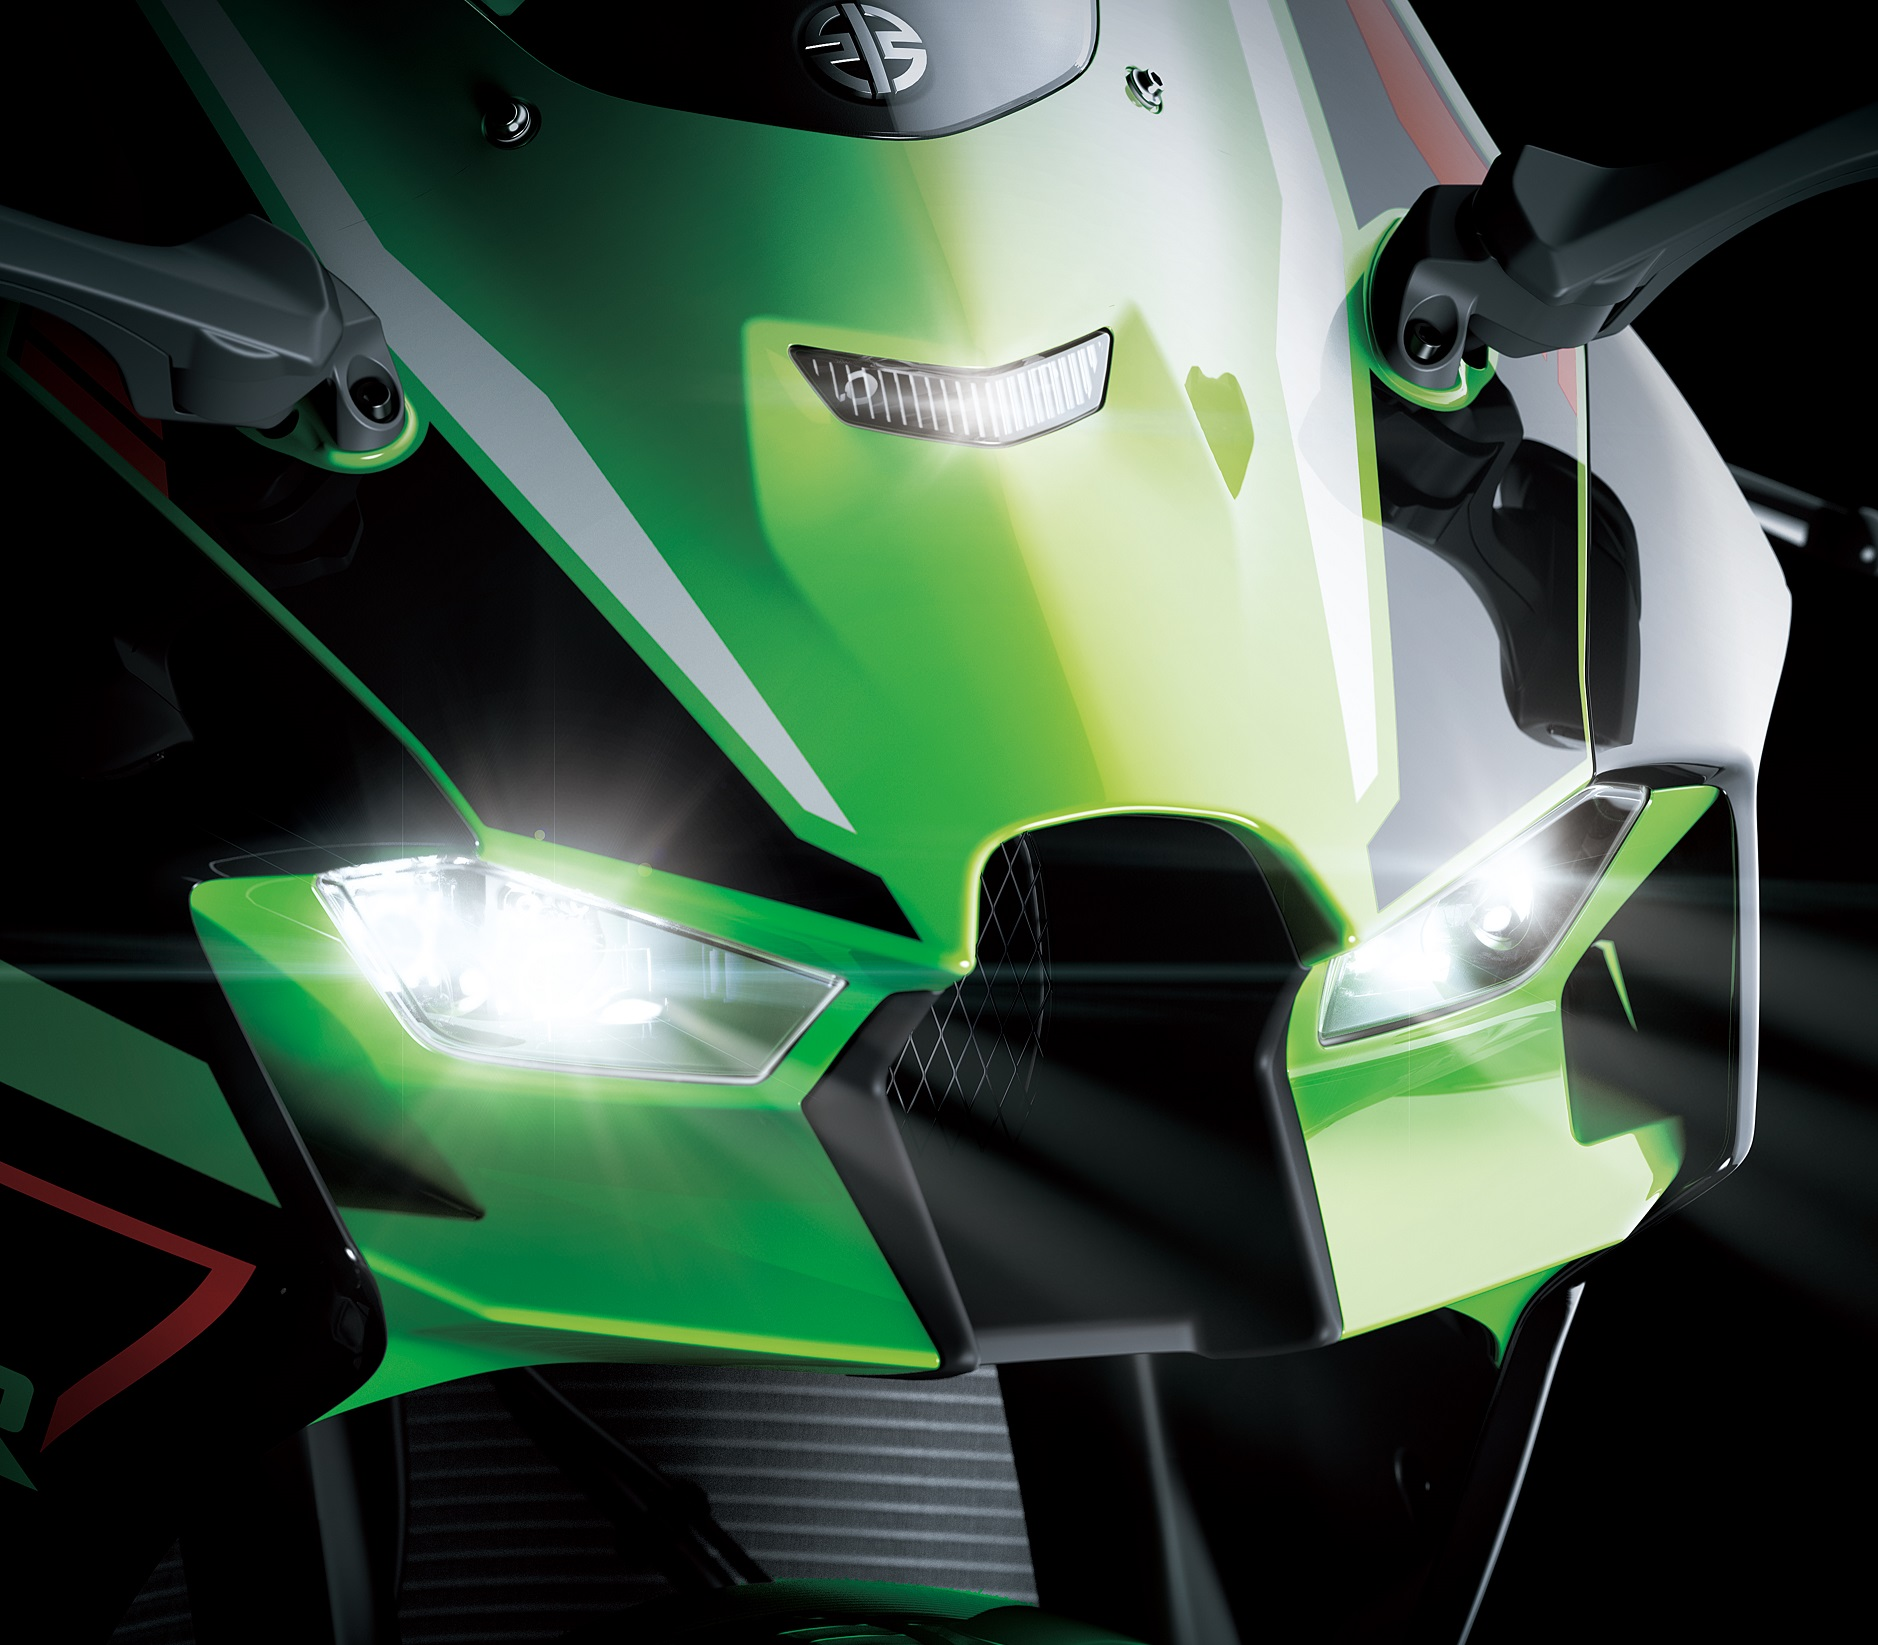 7. Kawasaki Ninja Zx 10r 2022